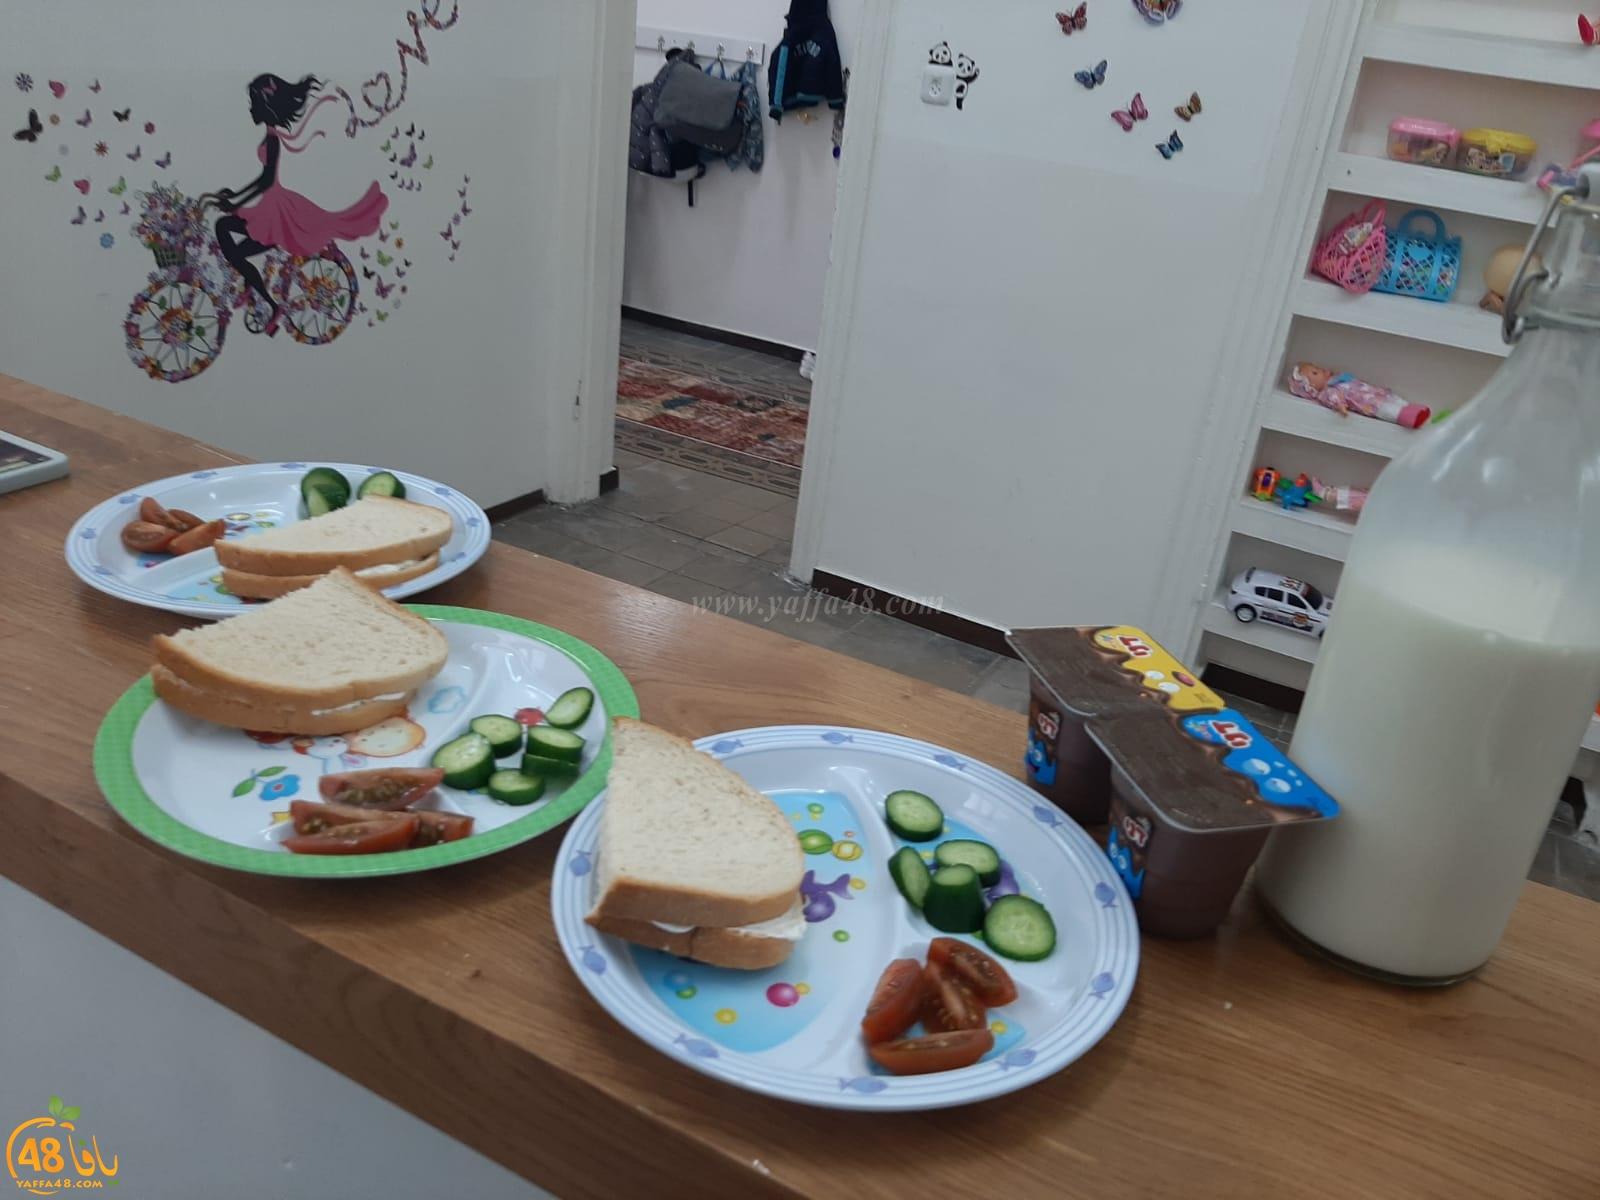 صور: فعاليات تربوية للأطفال في حضانة نبض بيافا